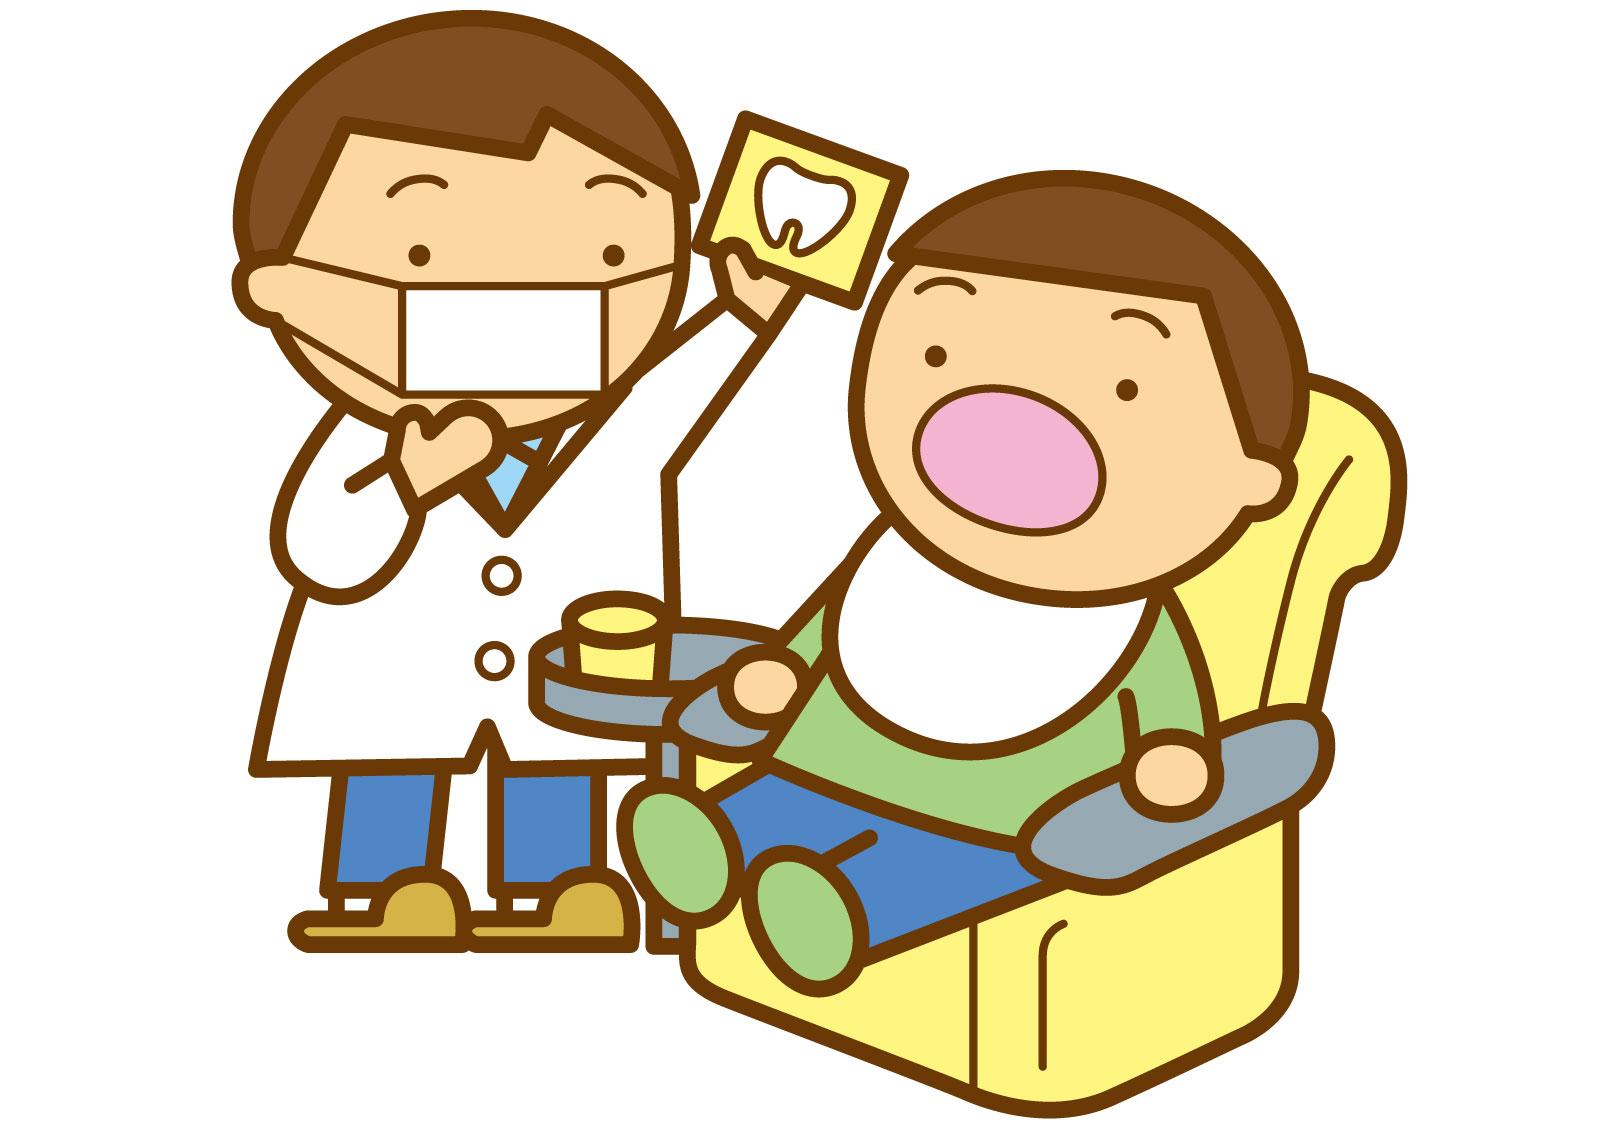 発達障害の子を歯科医院などの病院に連れて行くときの注意点